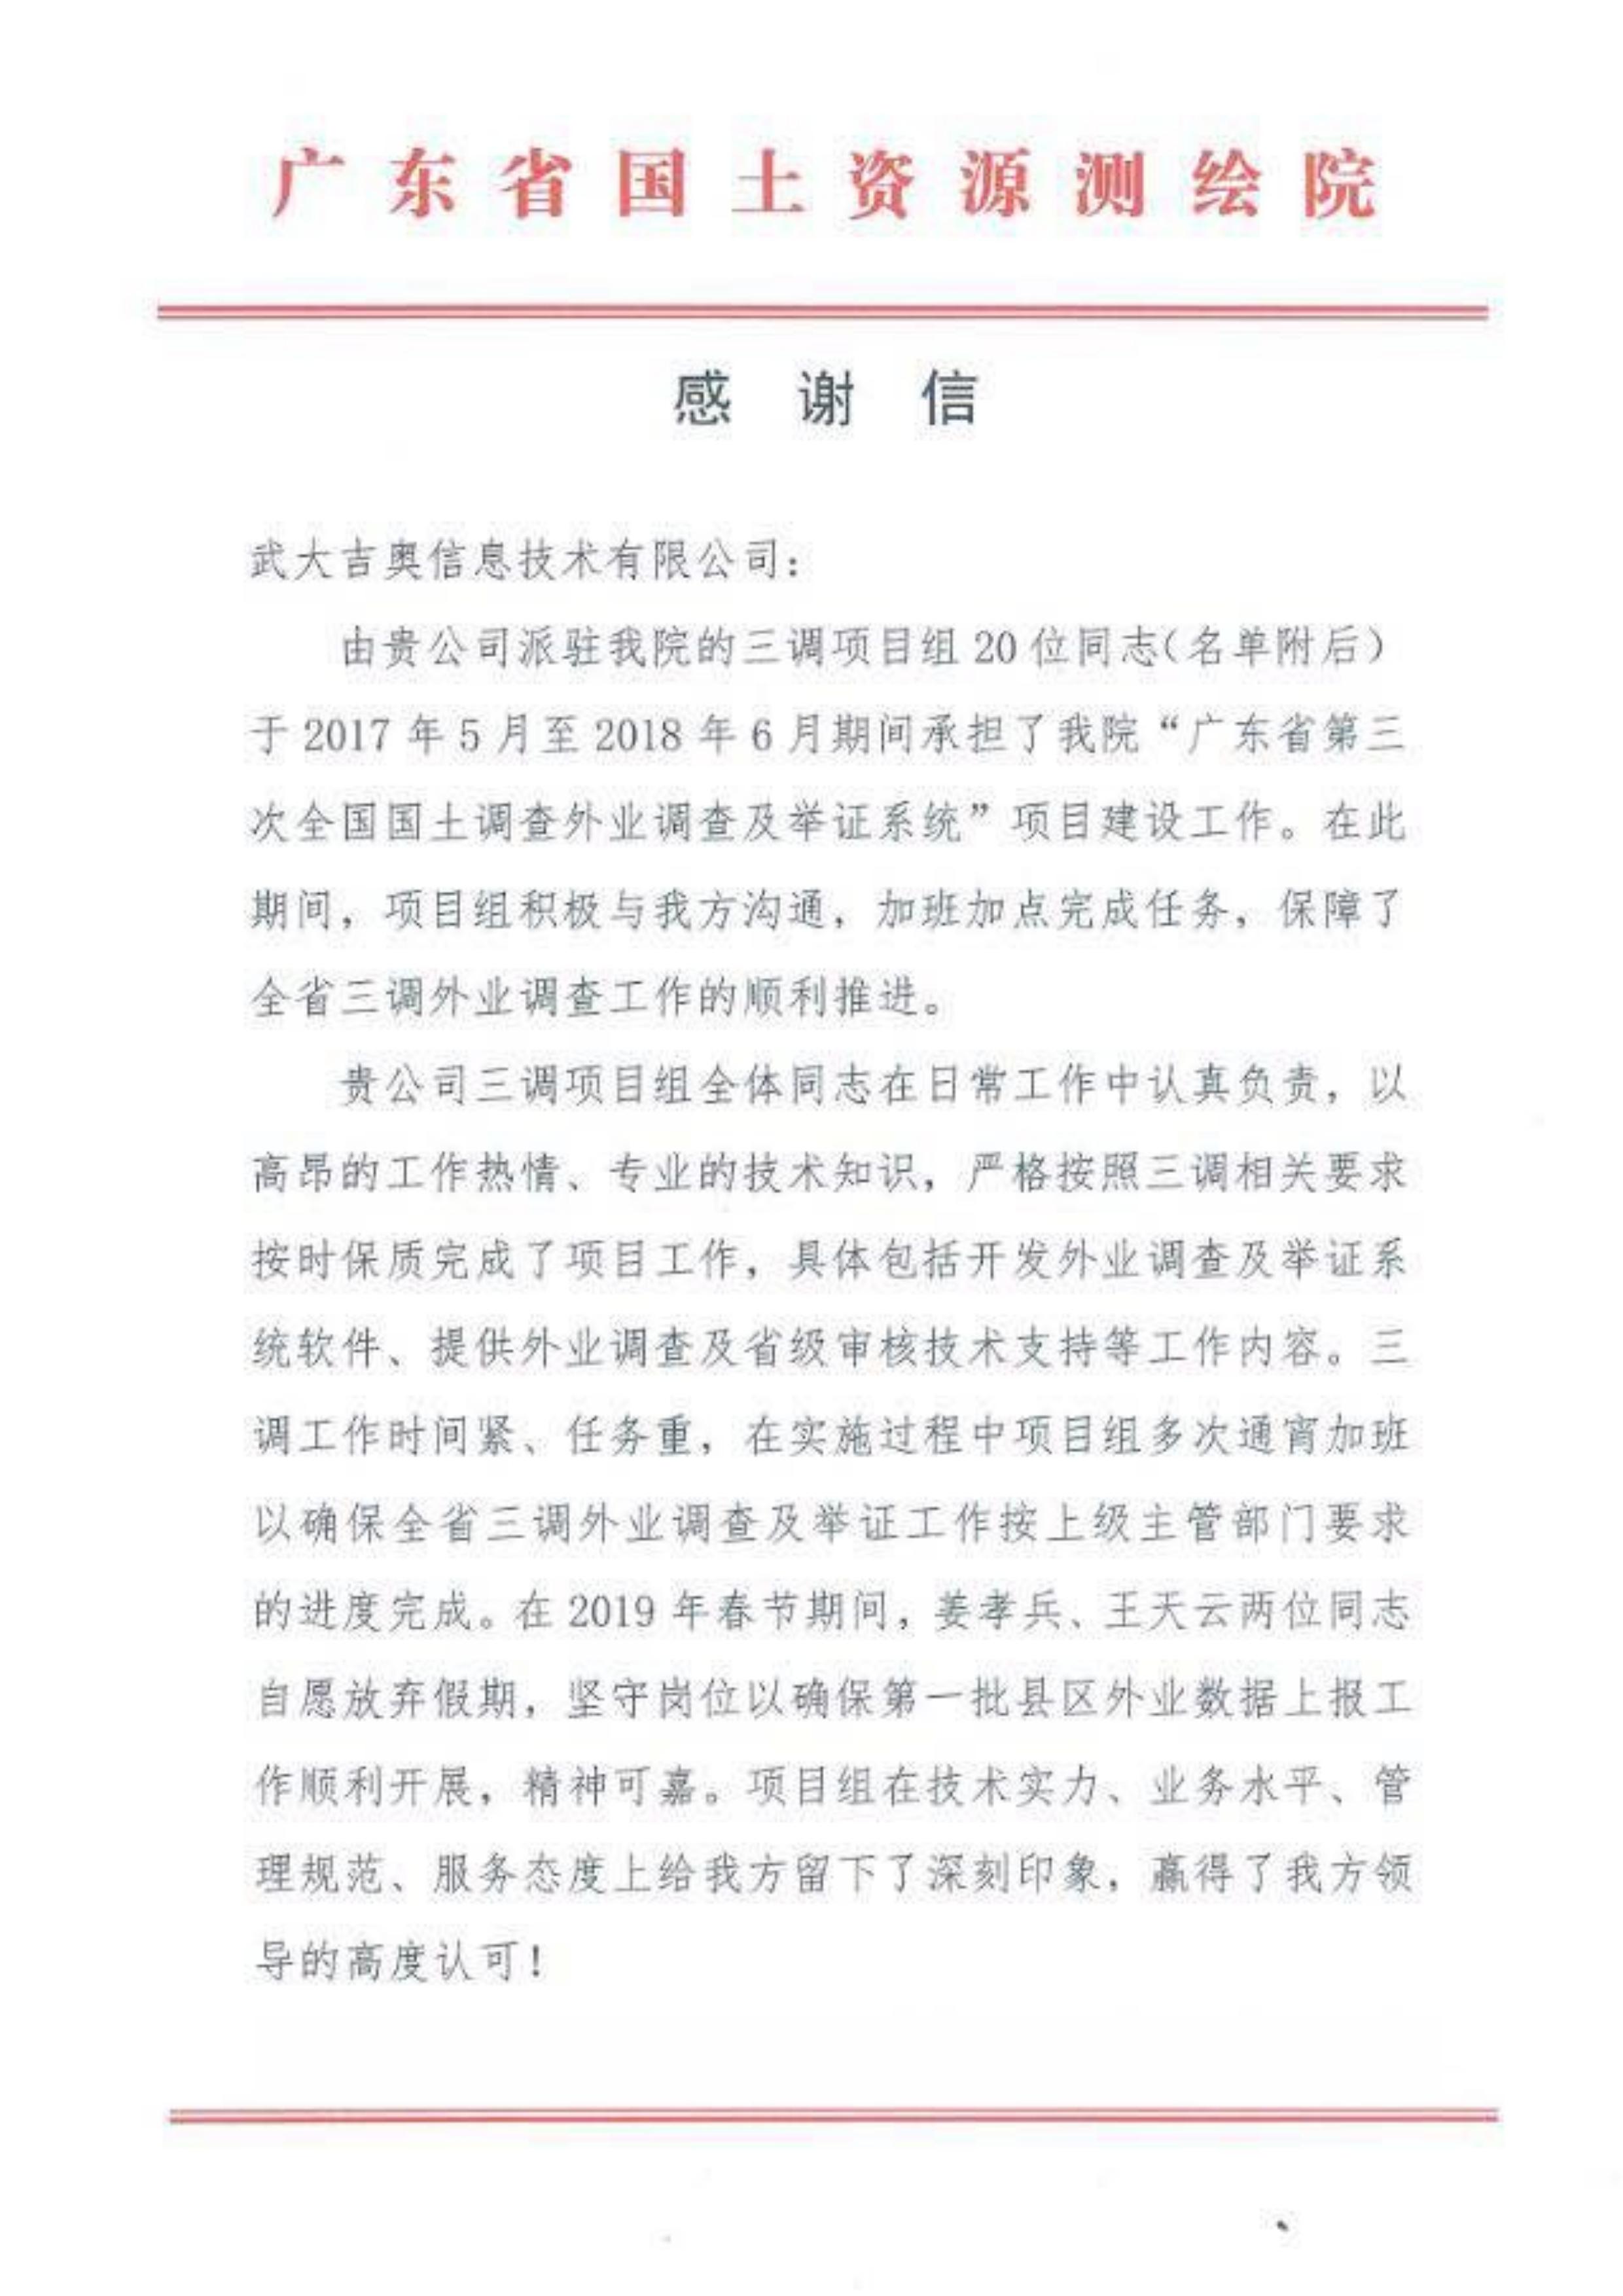 """国土三调I技术创新打造""""省级实践""""新品牌-3"""